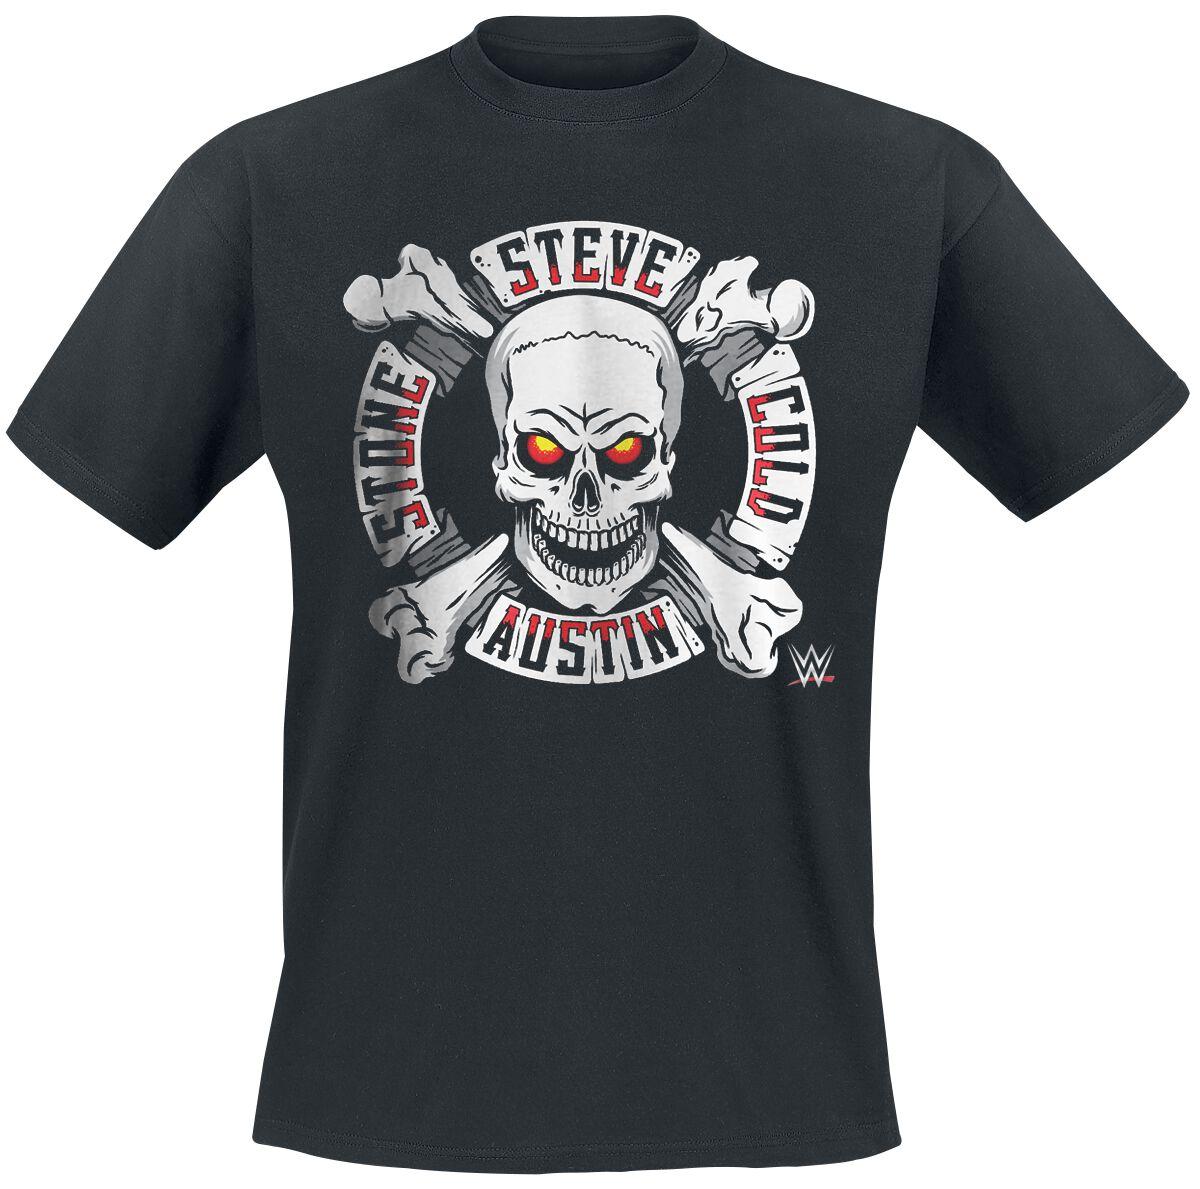 Merch dla Fanów - Koszulki - T-Shirt WWE Steve Austin - Stone Cold T-Shirt czarny - 376813